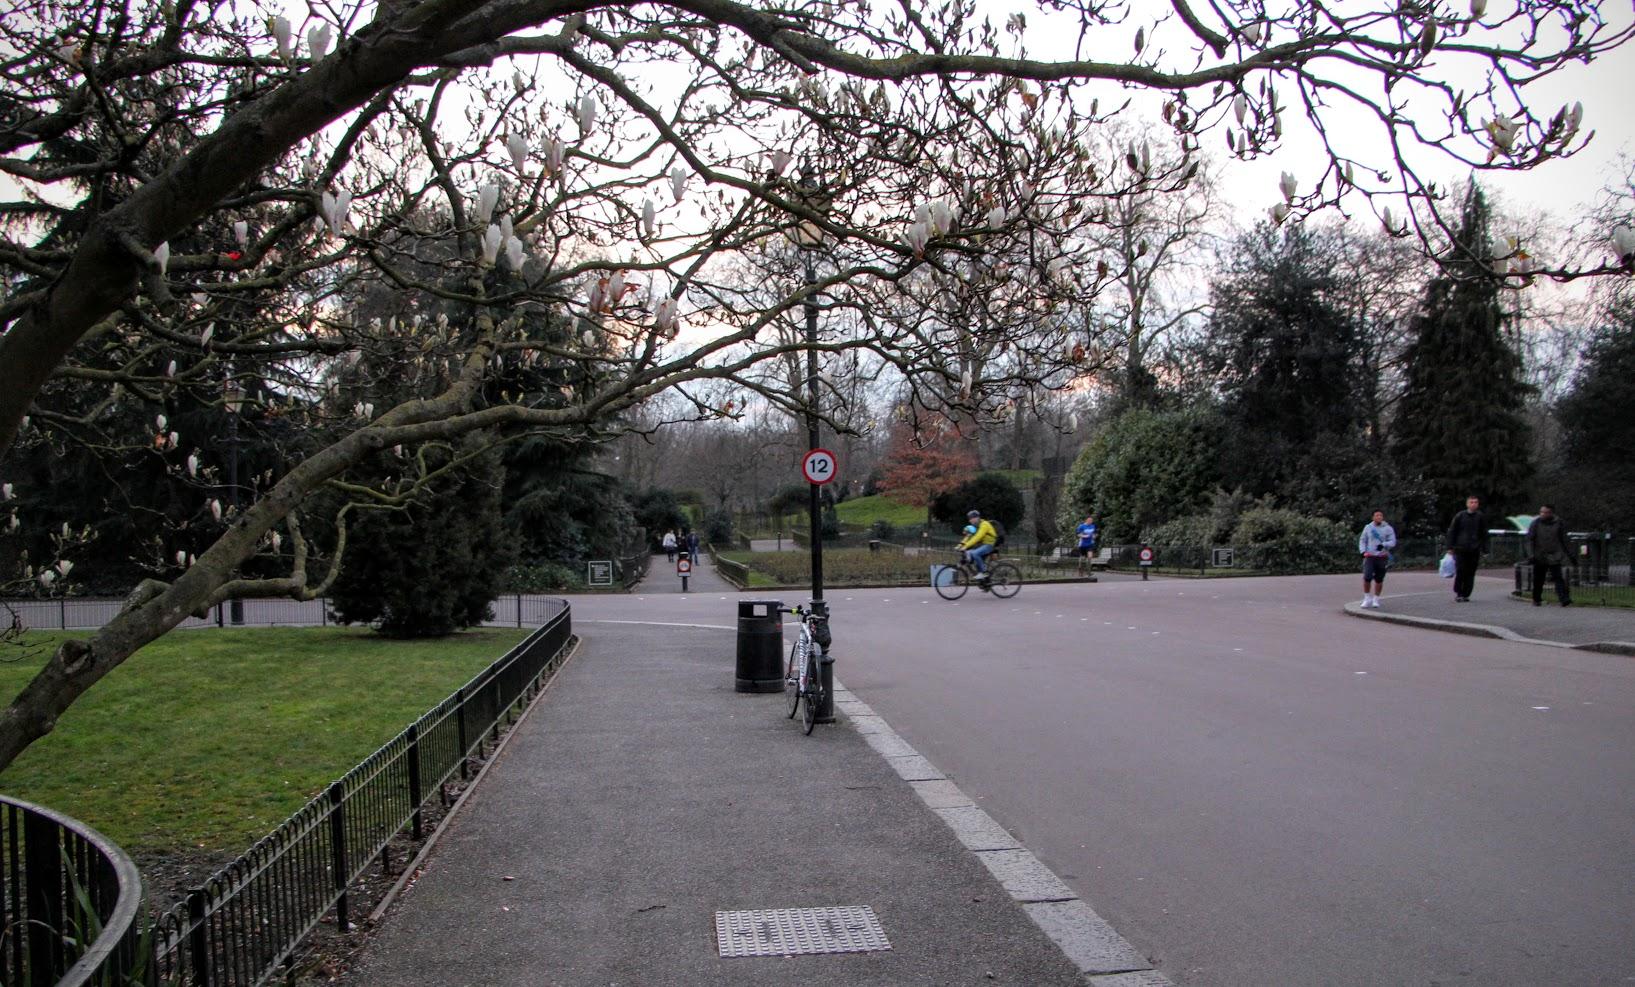 London Hidden Gems 2